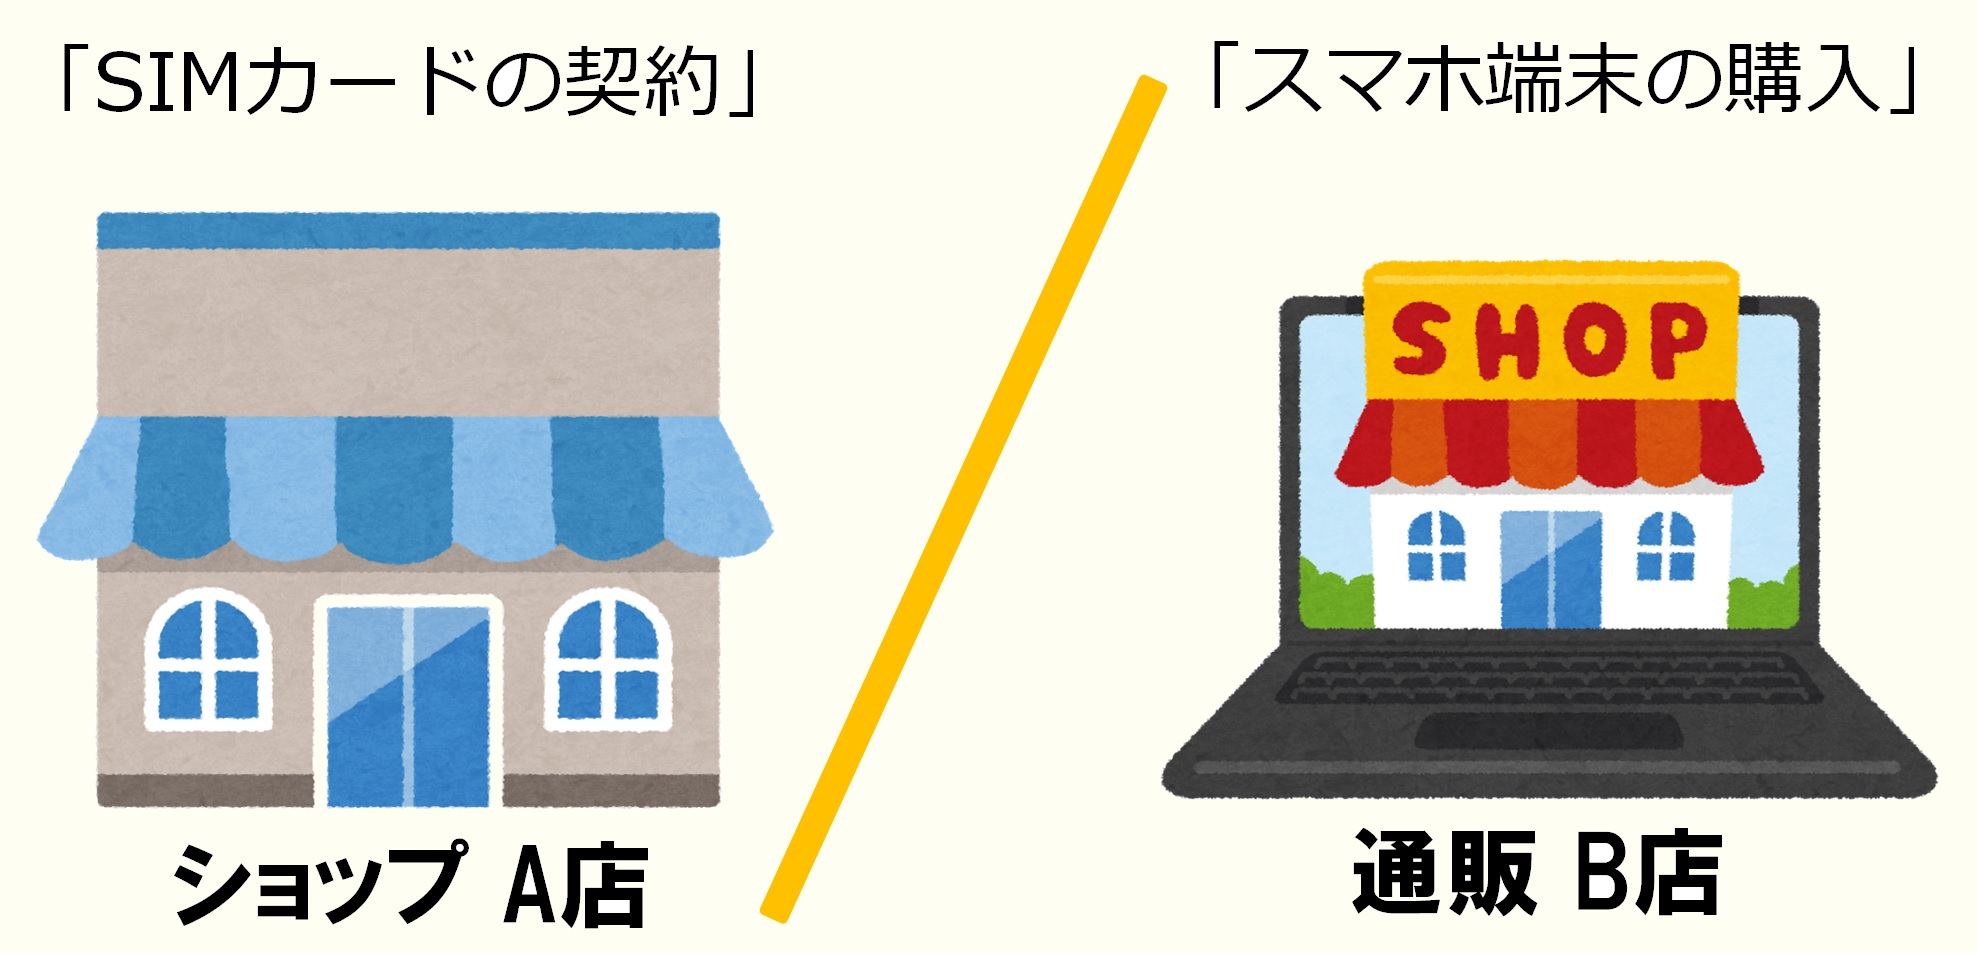 格安SIM MVNO SIMカード スマホ 電波 回線 イラスト